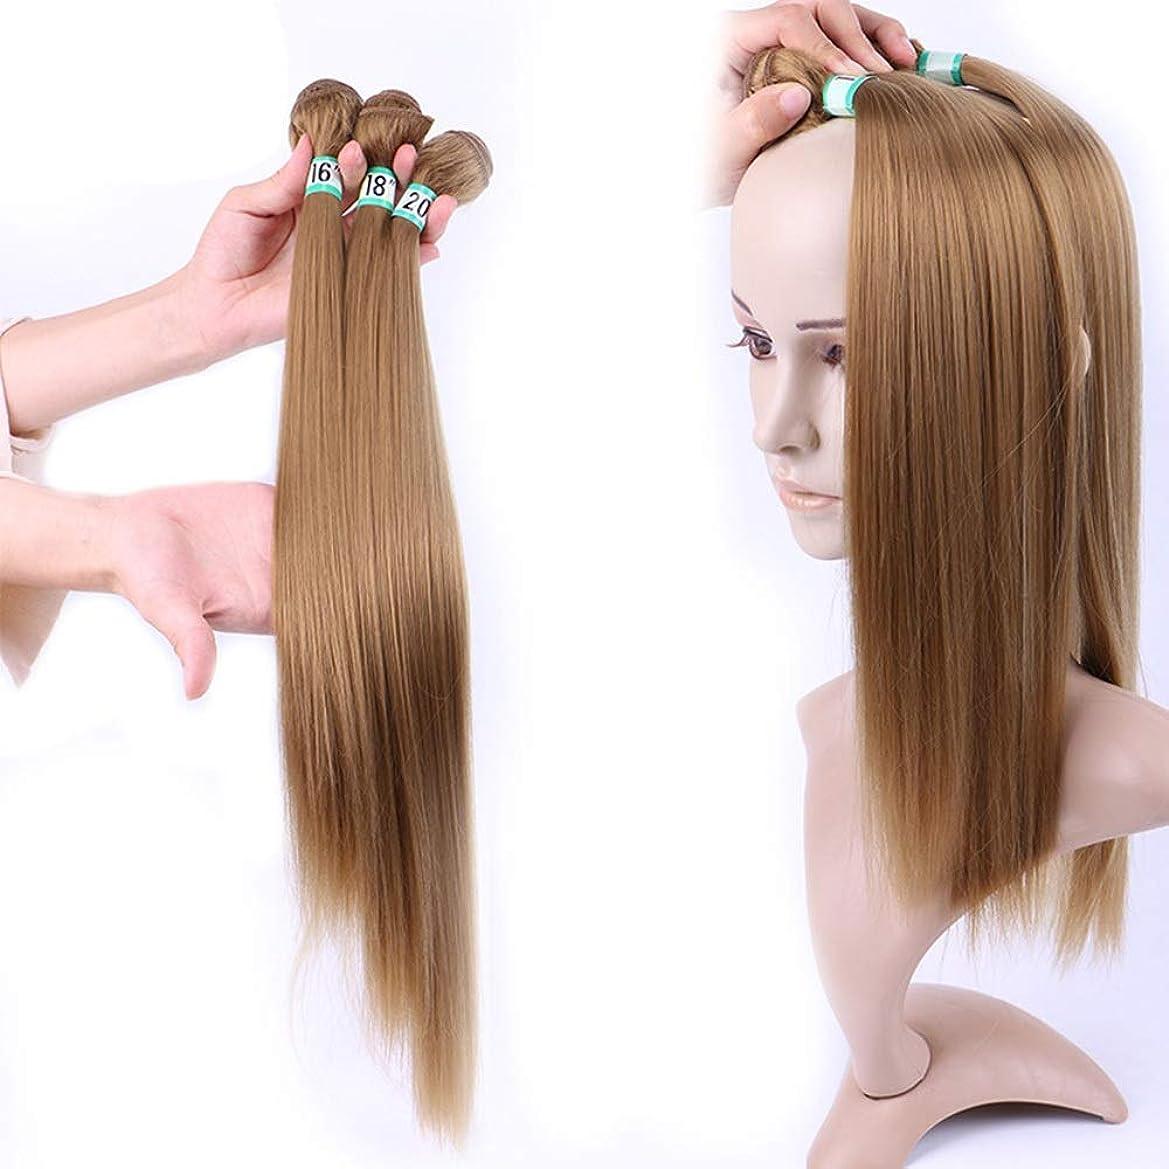 腹正統派あごひげBOBIDYEE 女性のシルキーストレートヘア織り3バンドルヘアエクステンション - 27#ブロンド(1バンドル/ 70g)合成髪レースかつらロールプレイングウィッグロング&ショート女性自然 (色 : Blonde, サイズ : 16